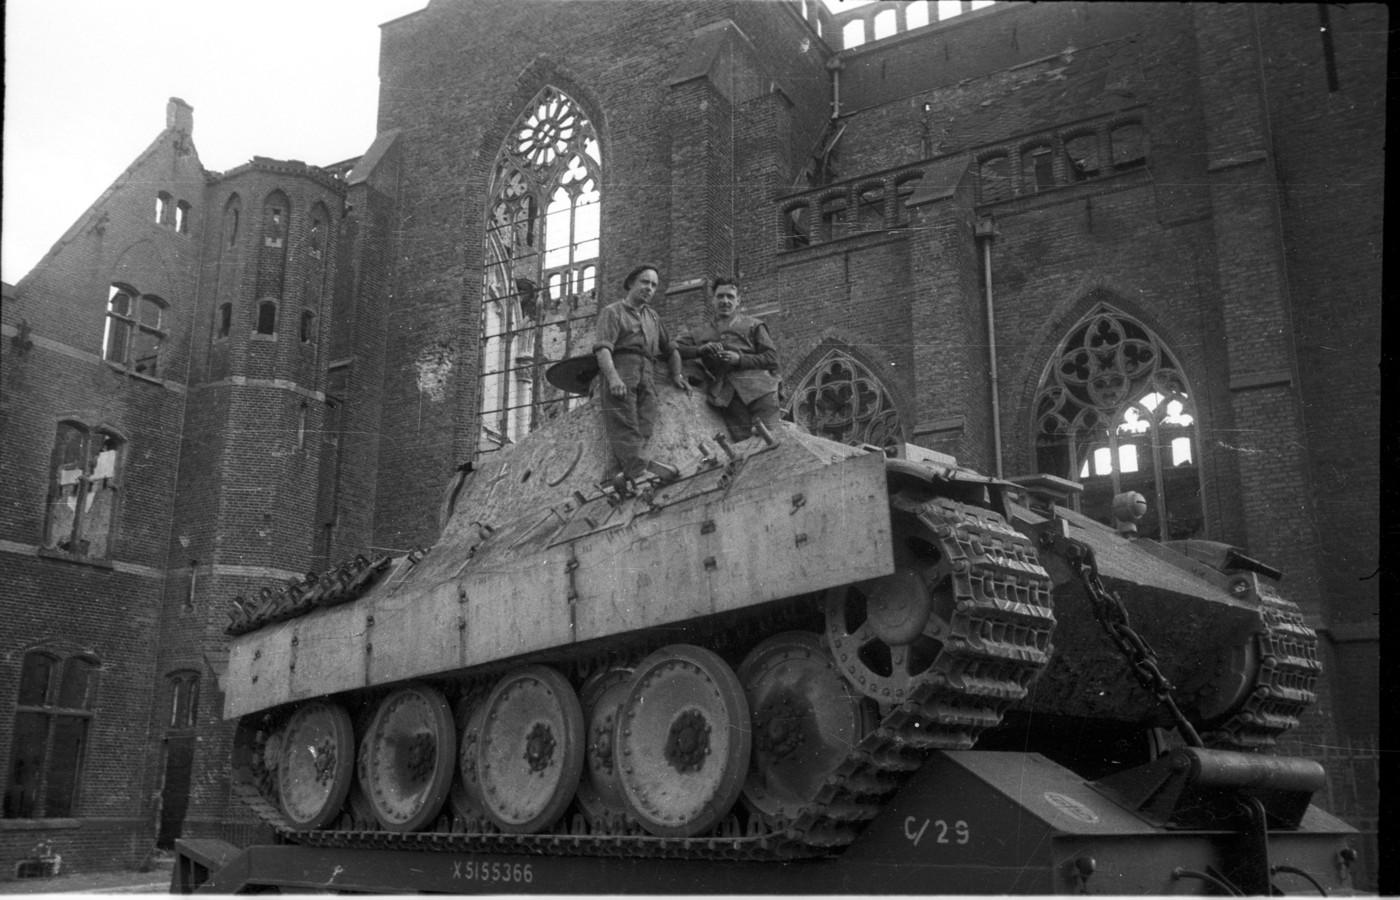 Een Duitse Panther-tank op een oplader voor de Sint Walburgiskerk in Arnhem.